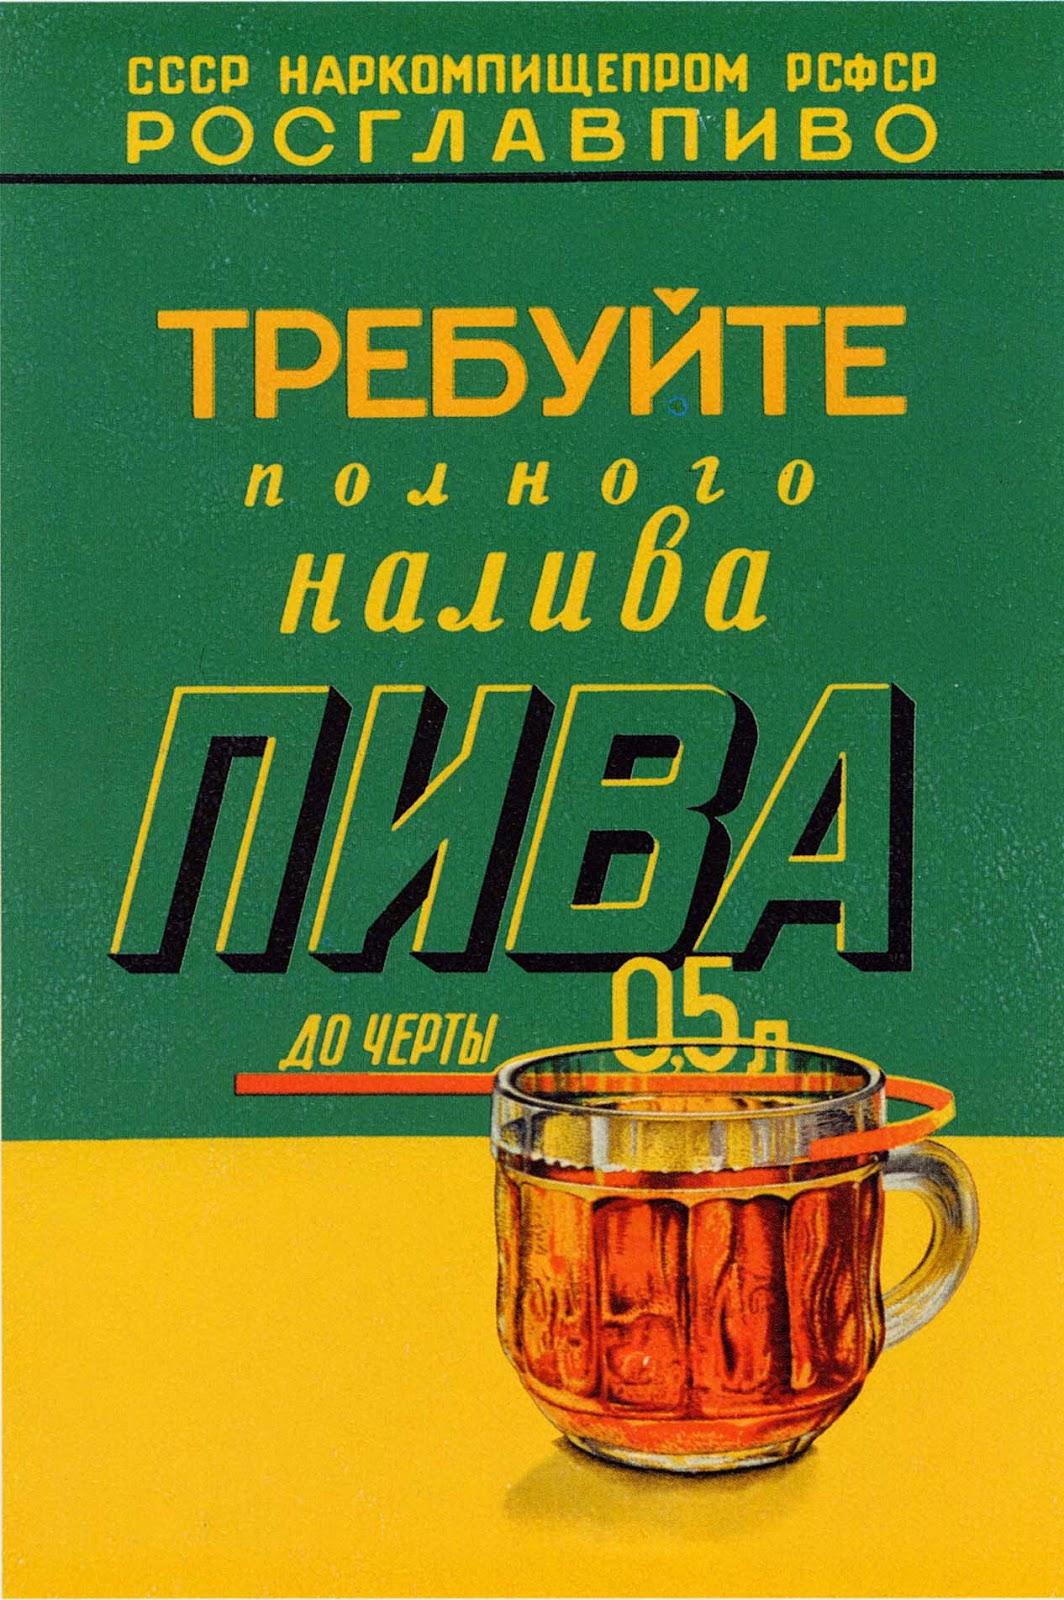 Требуйте полного налива пива!